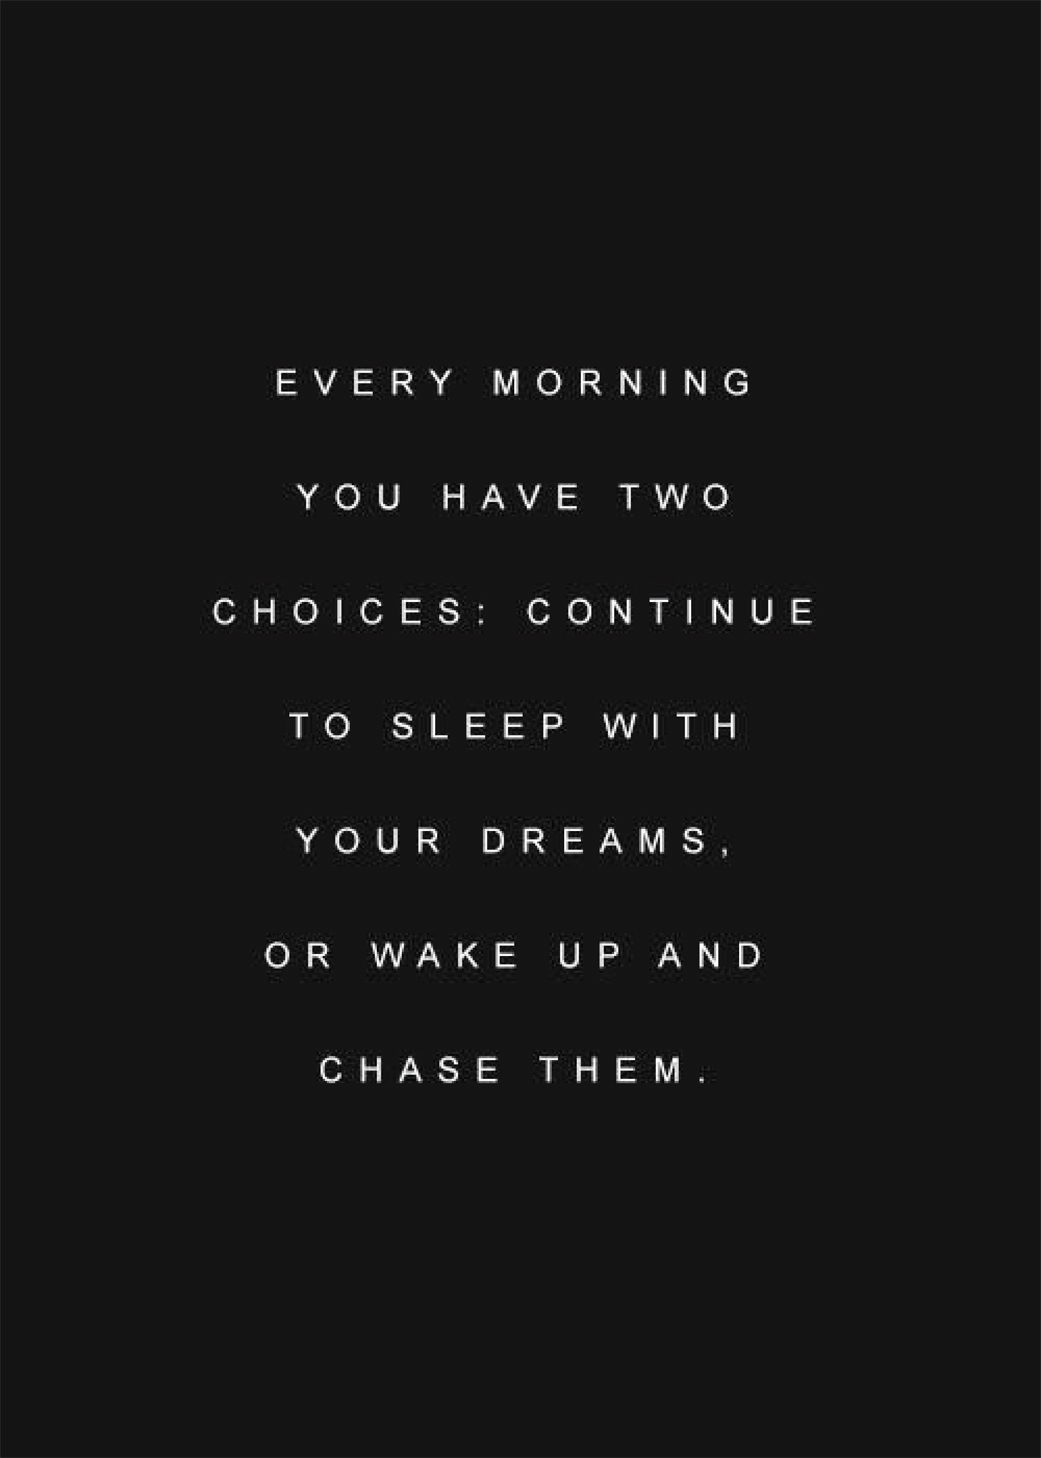 Chase Your Dreams | Akin Design Studio